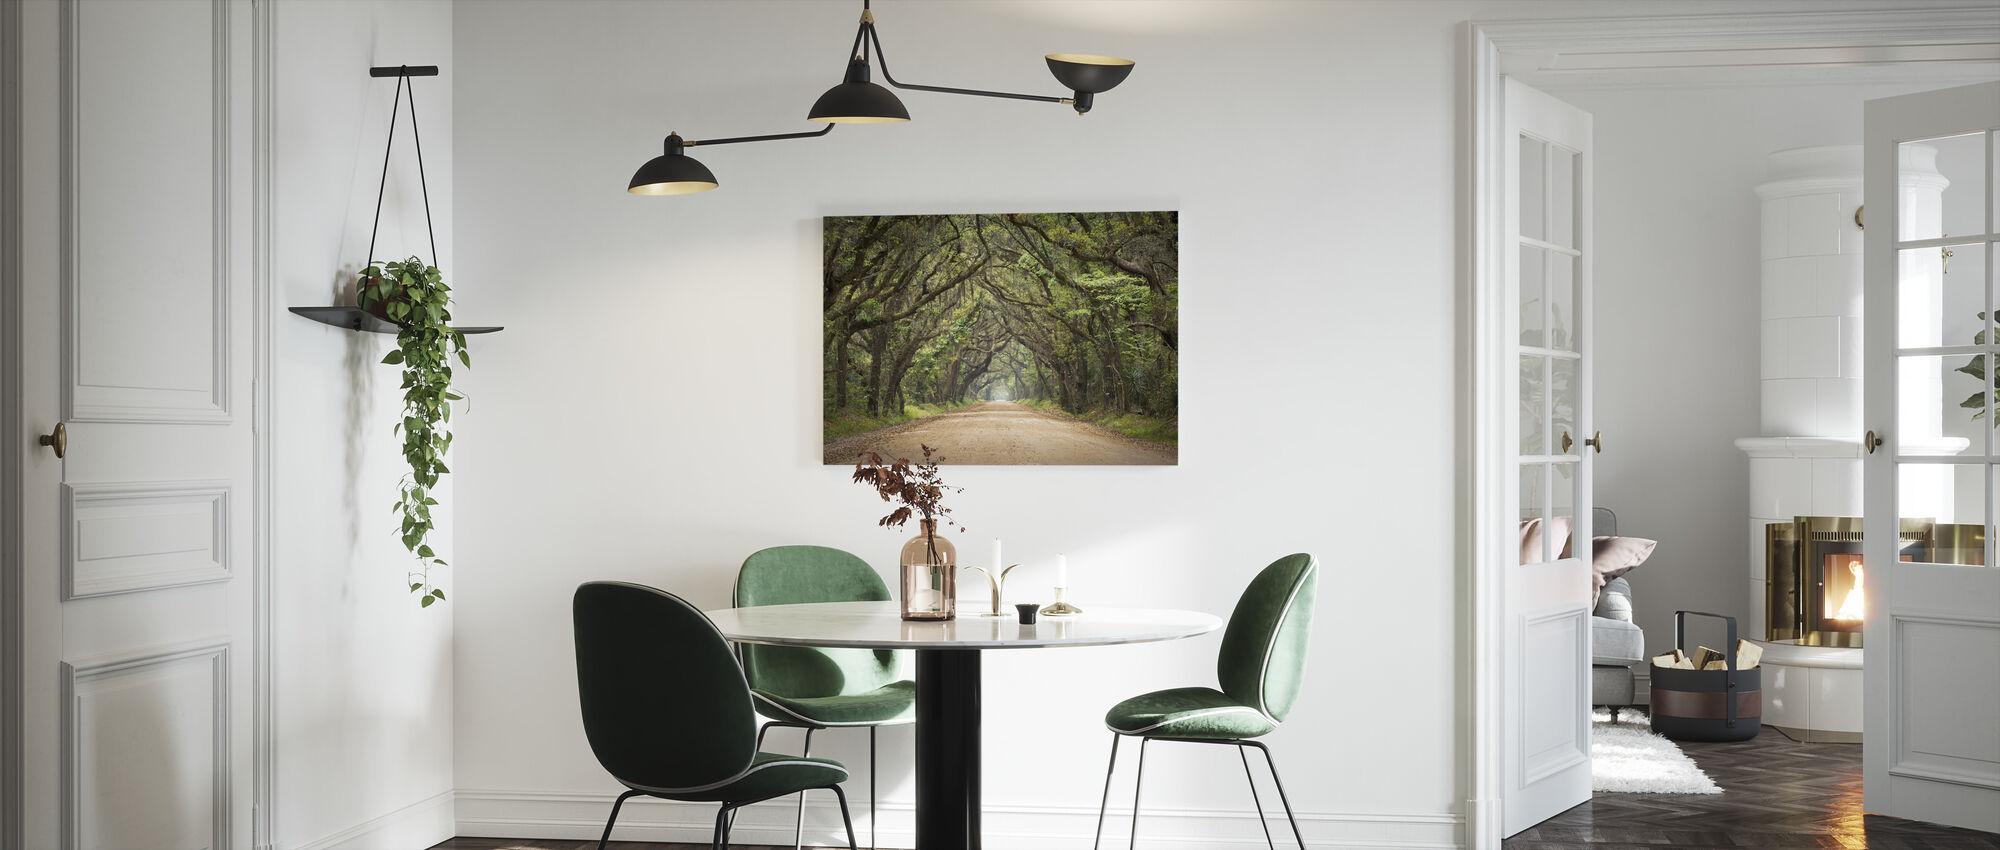 Egetræ vej - Billede på lærred - Køkken